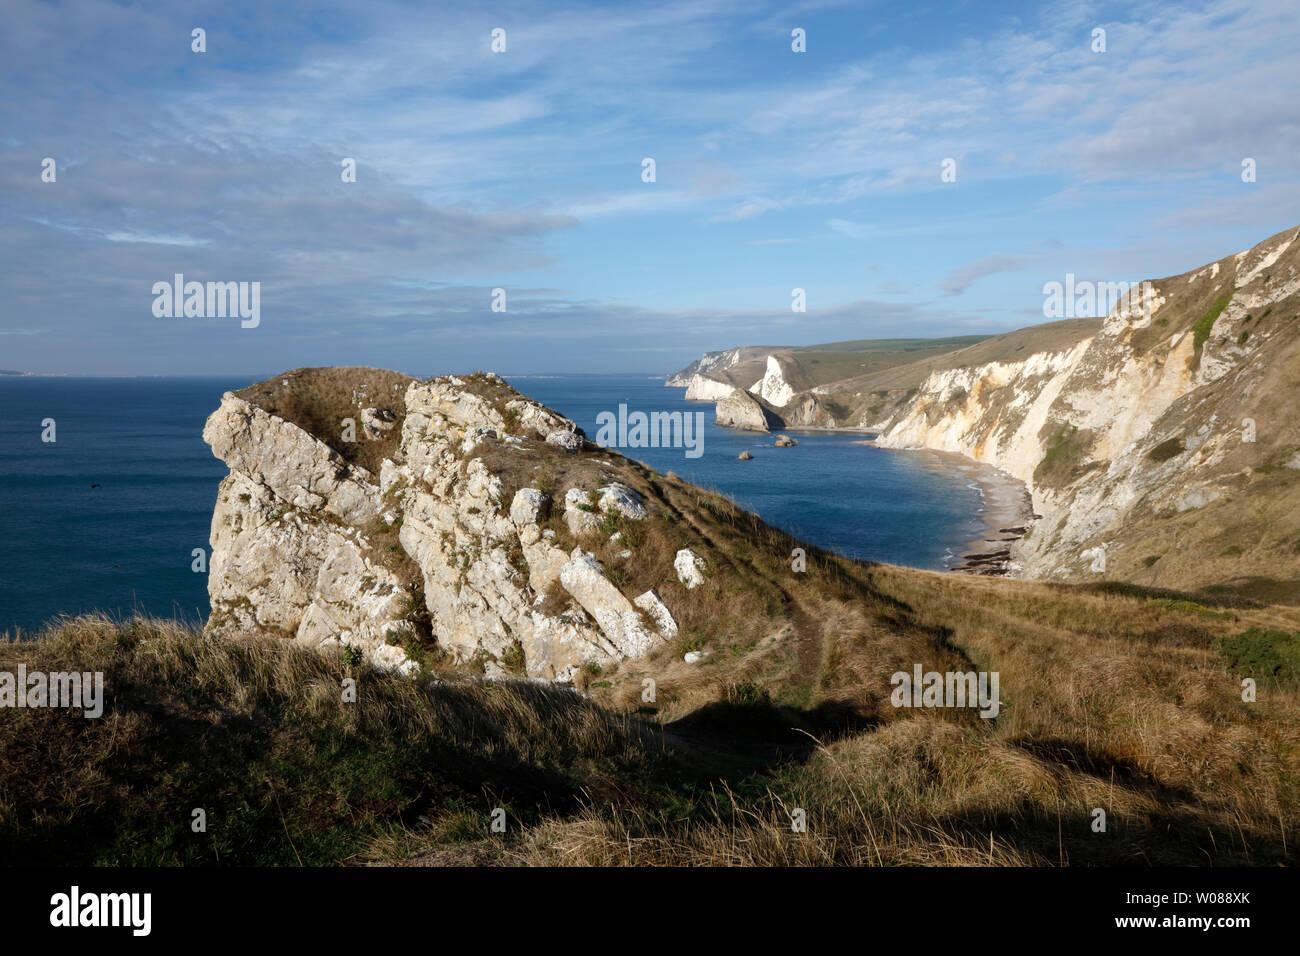 Vista desde la puerta de Durdle Dungy Cabeza a Cabeza Swyre y sobre la Costa Jurásica de Dorset, Inglaterra, Reino Unido. Foto de stock